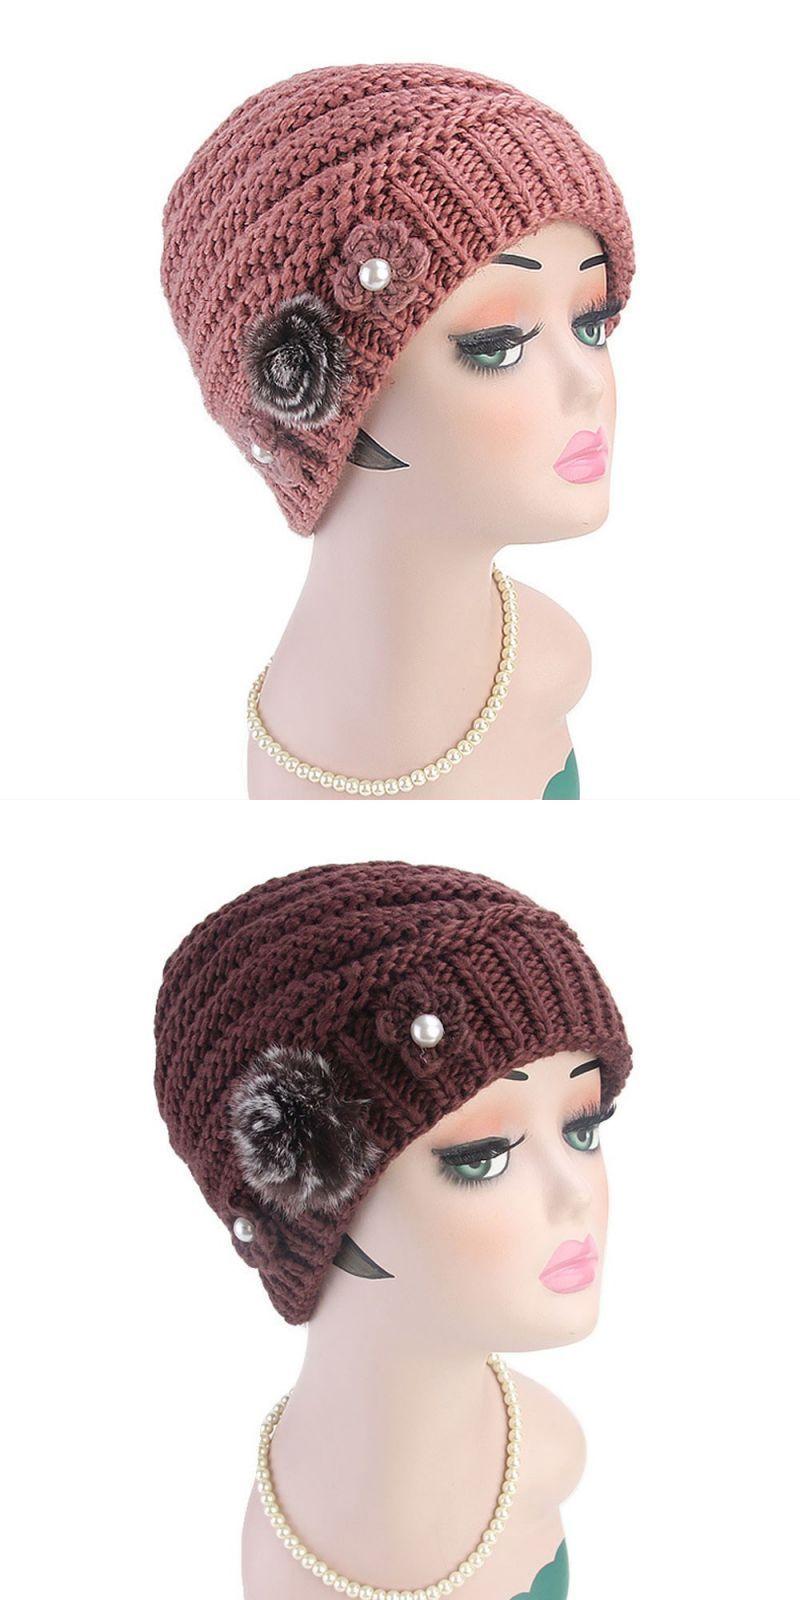 153625a445556 Winter brand female ball cap pom poms winter hat for women girl  s hat  knitted